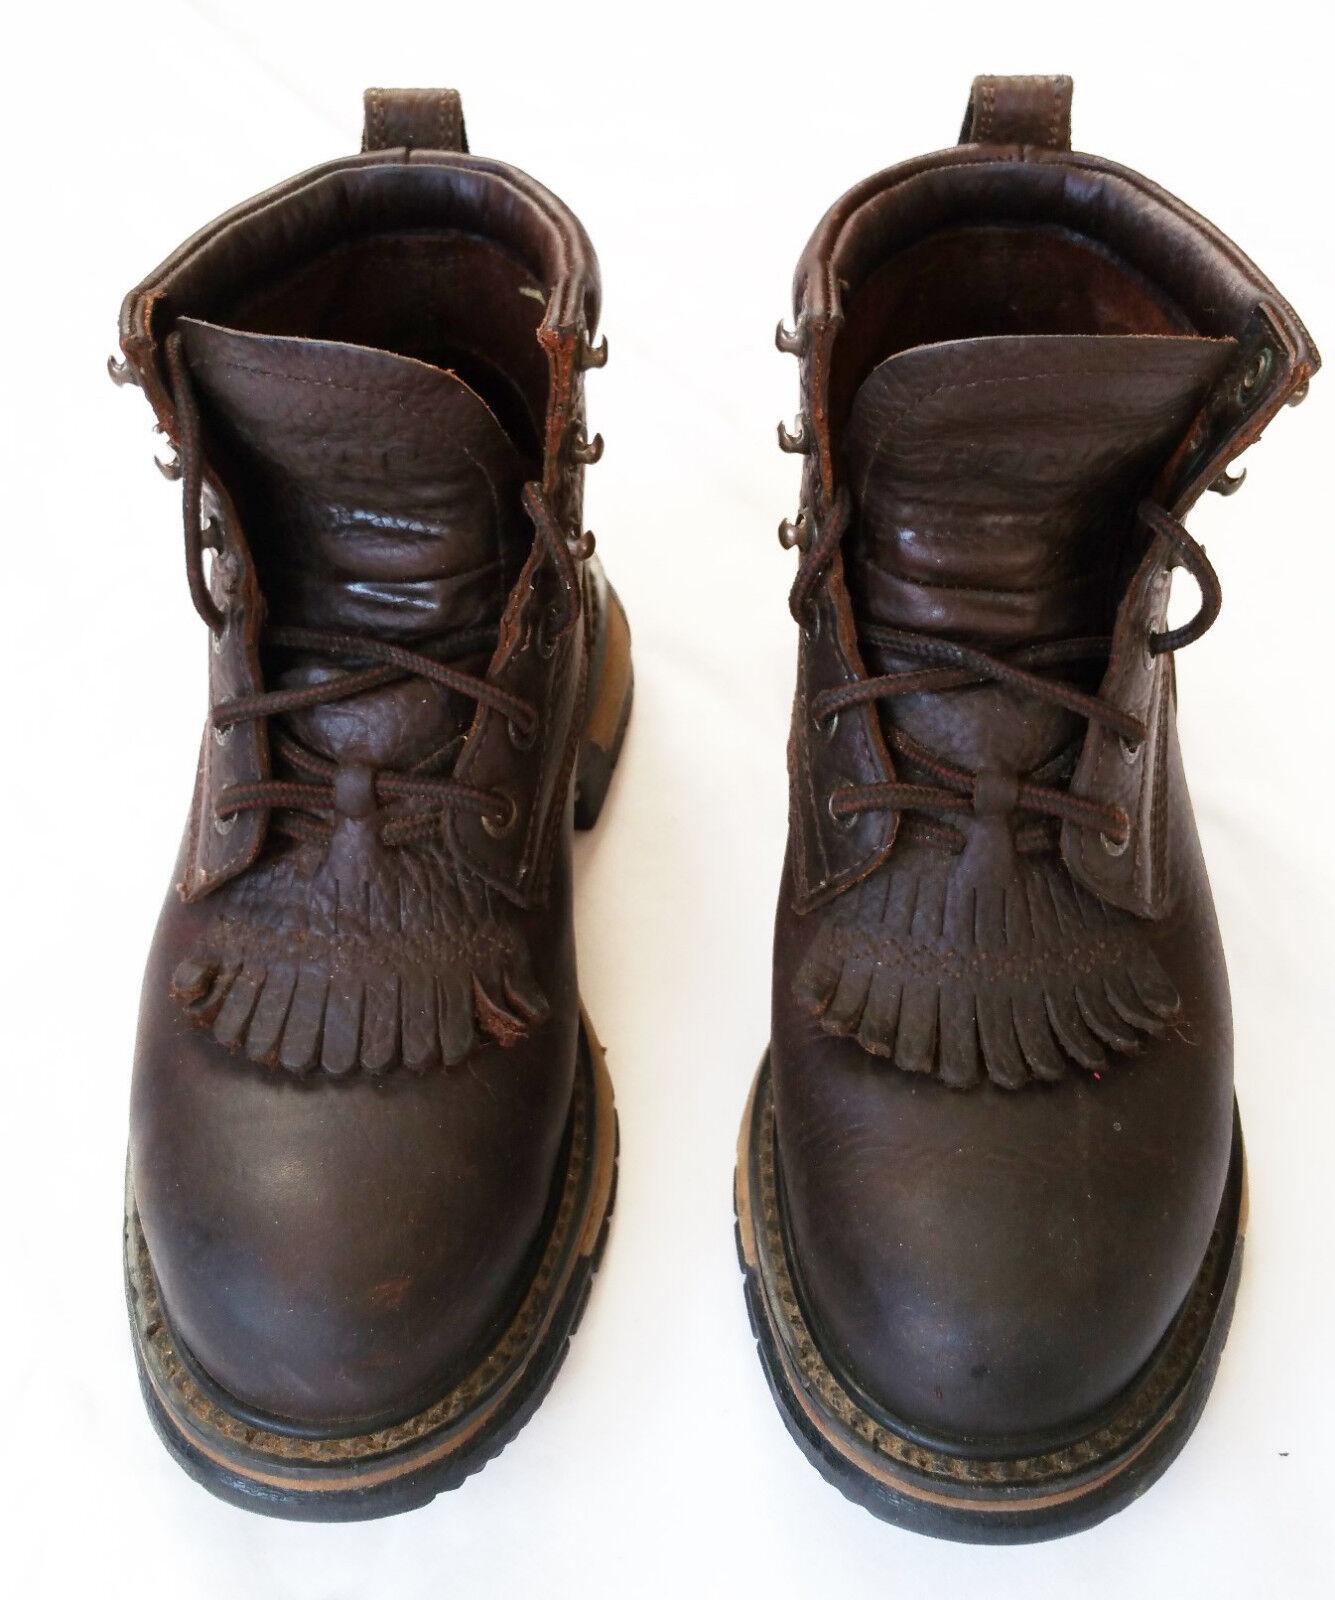 damen Rocky Western Lace up Cuffed Ankle Keltie Stiefel US Größe 6.5 braun Leather